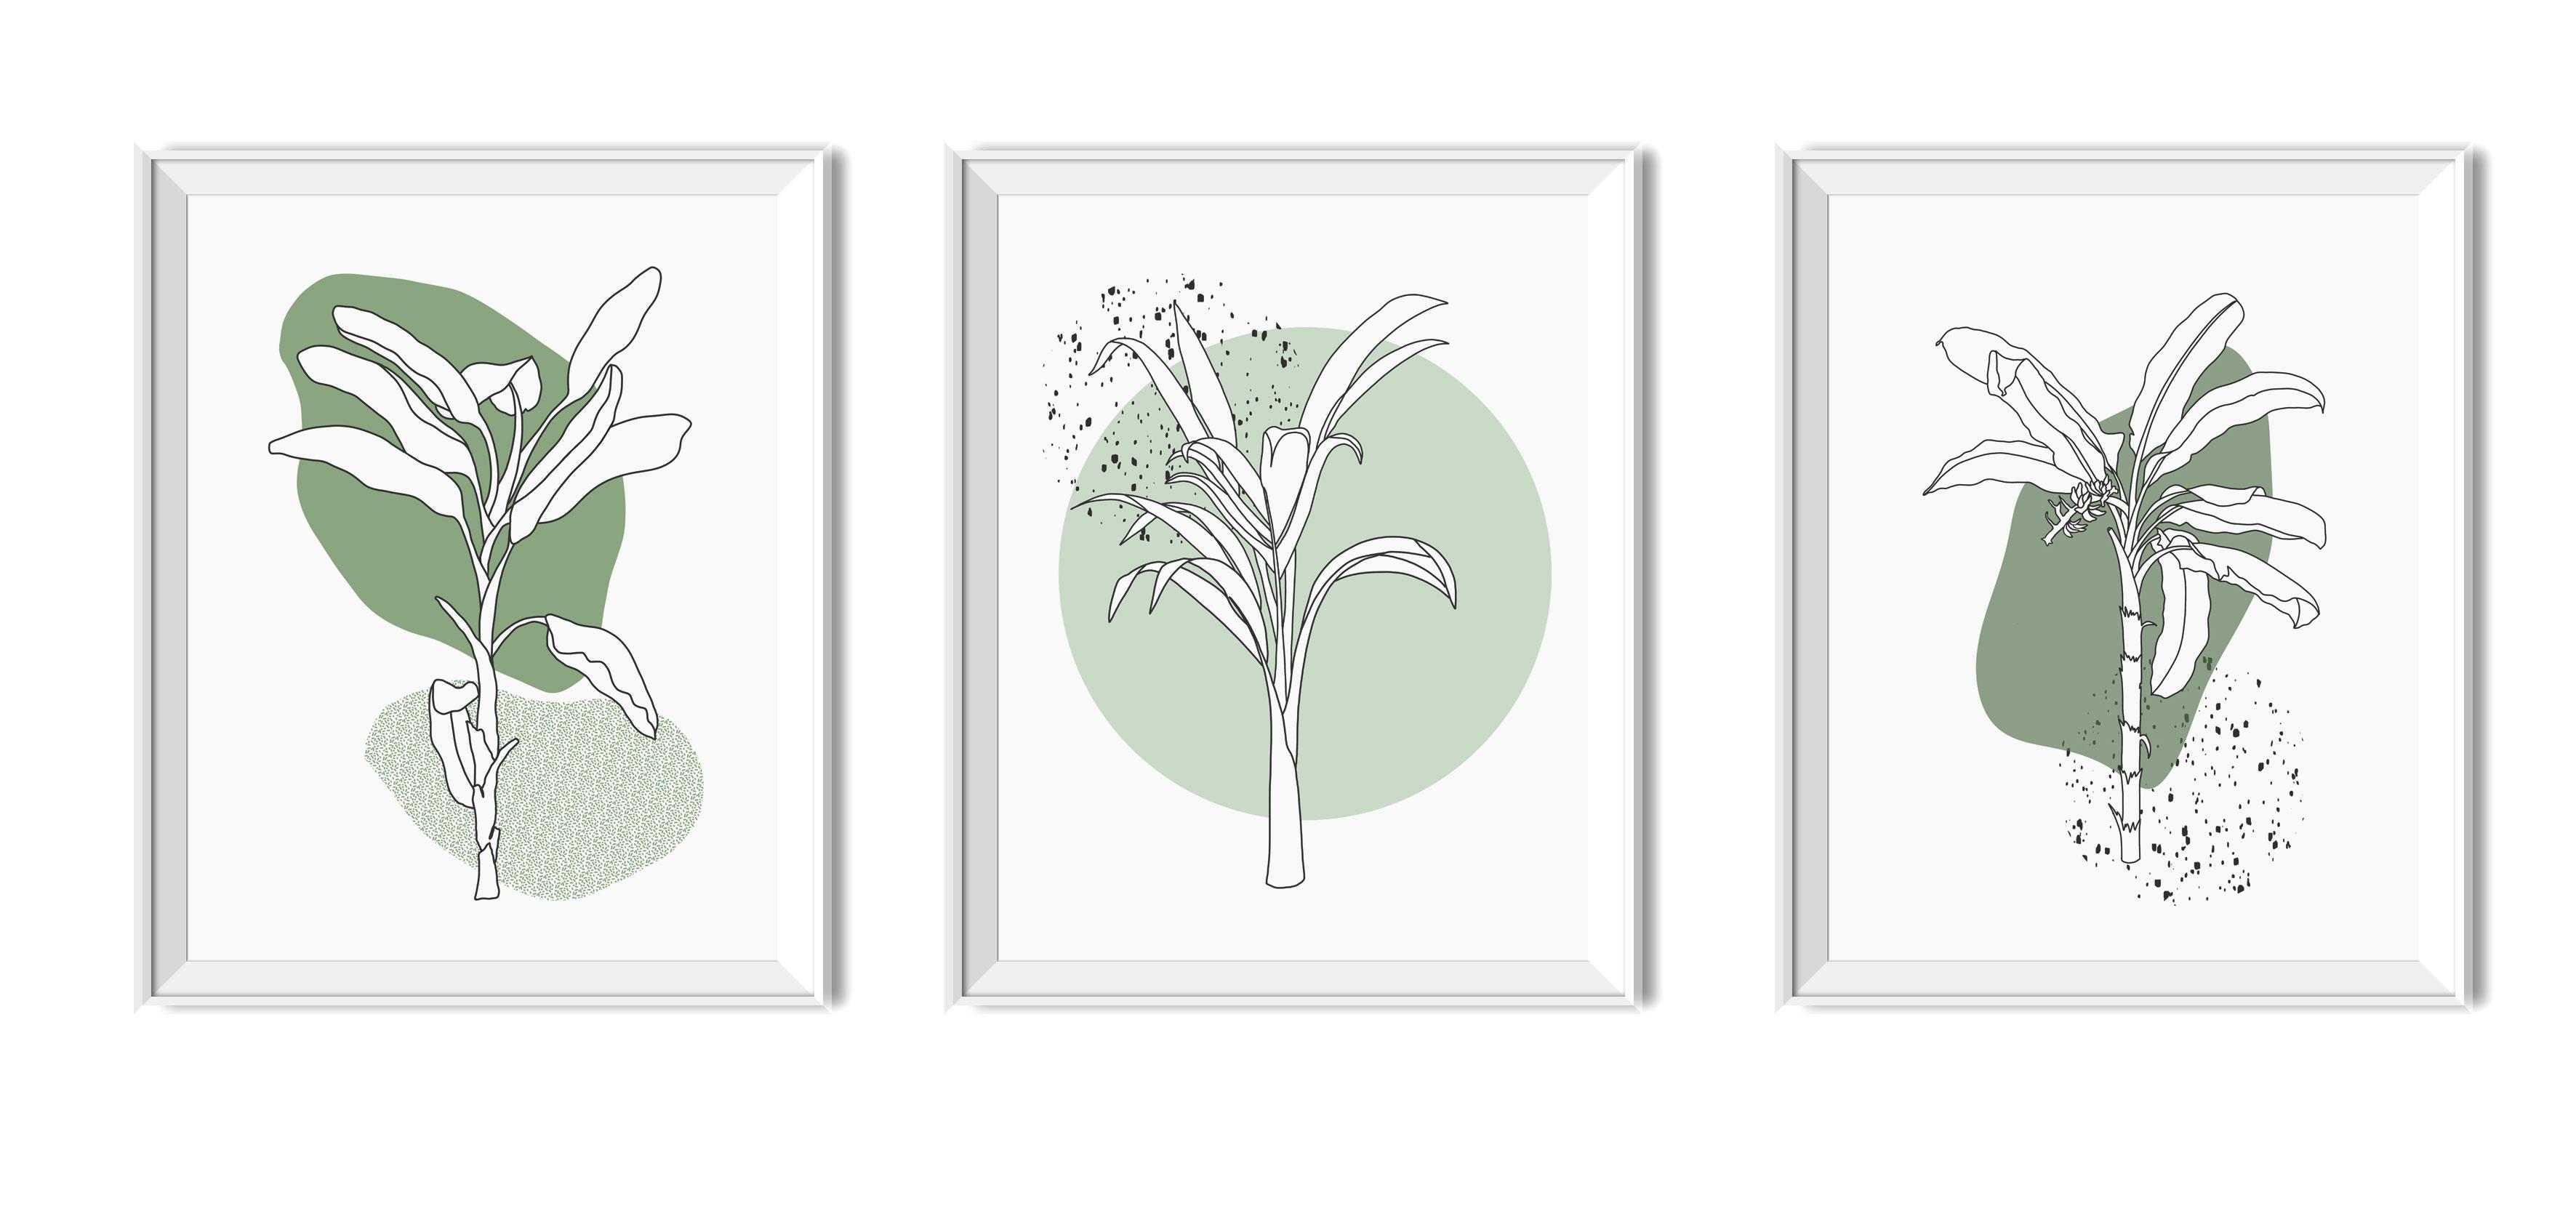 plakaty do druku tryptyk palma